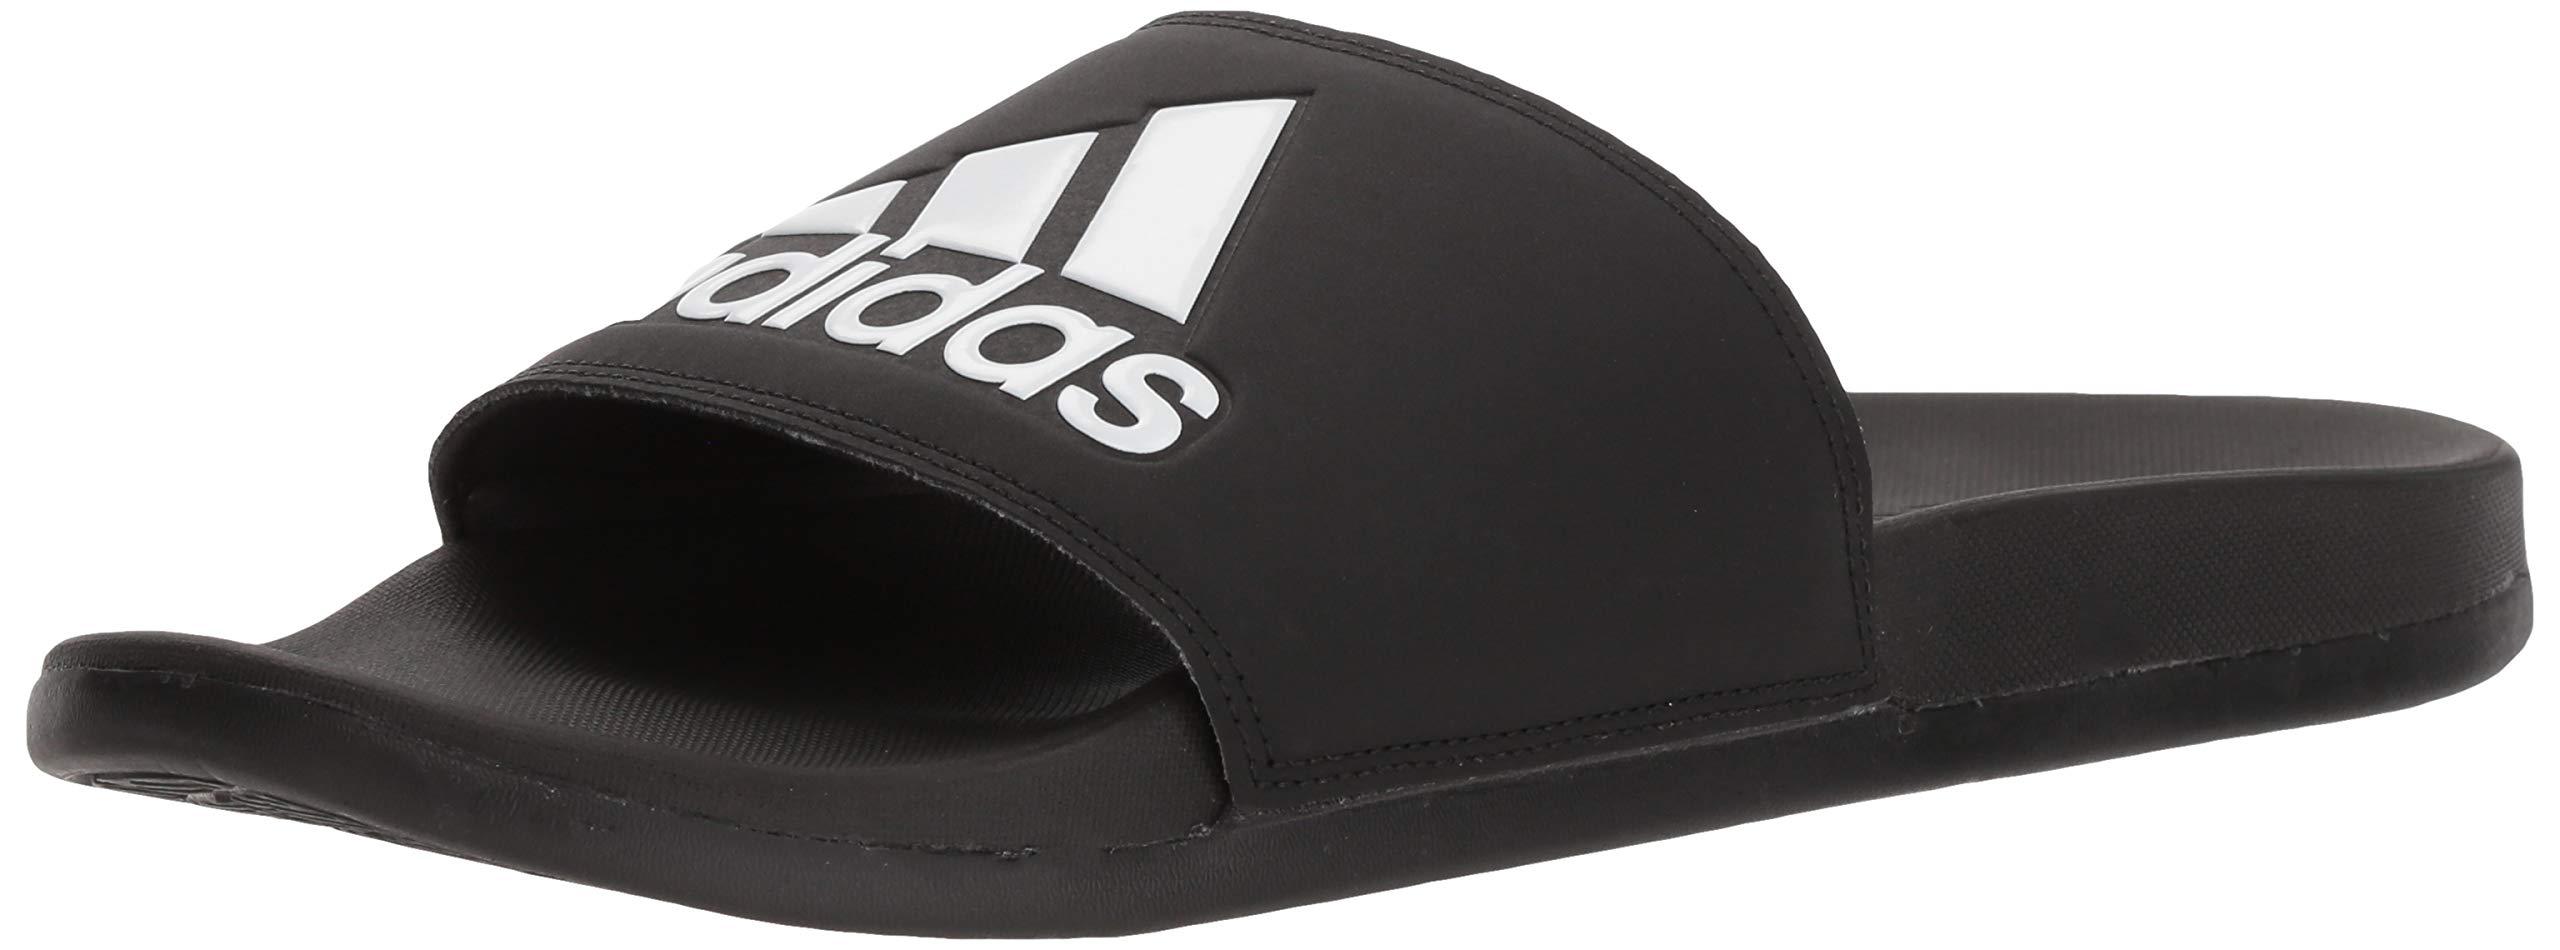 5c90b0e58 Galleon - Adidas Men s Adilette Comfort Slide Sandal Black White